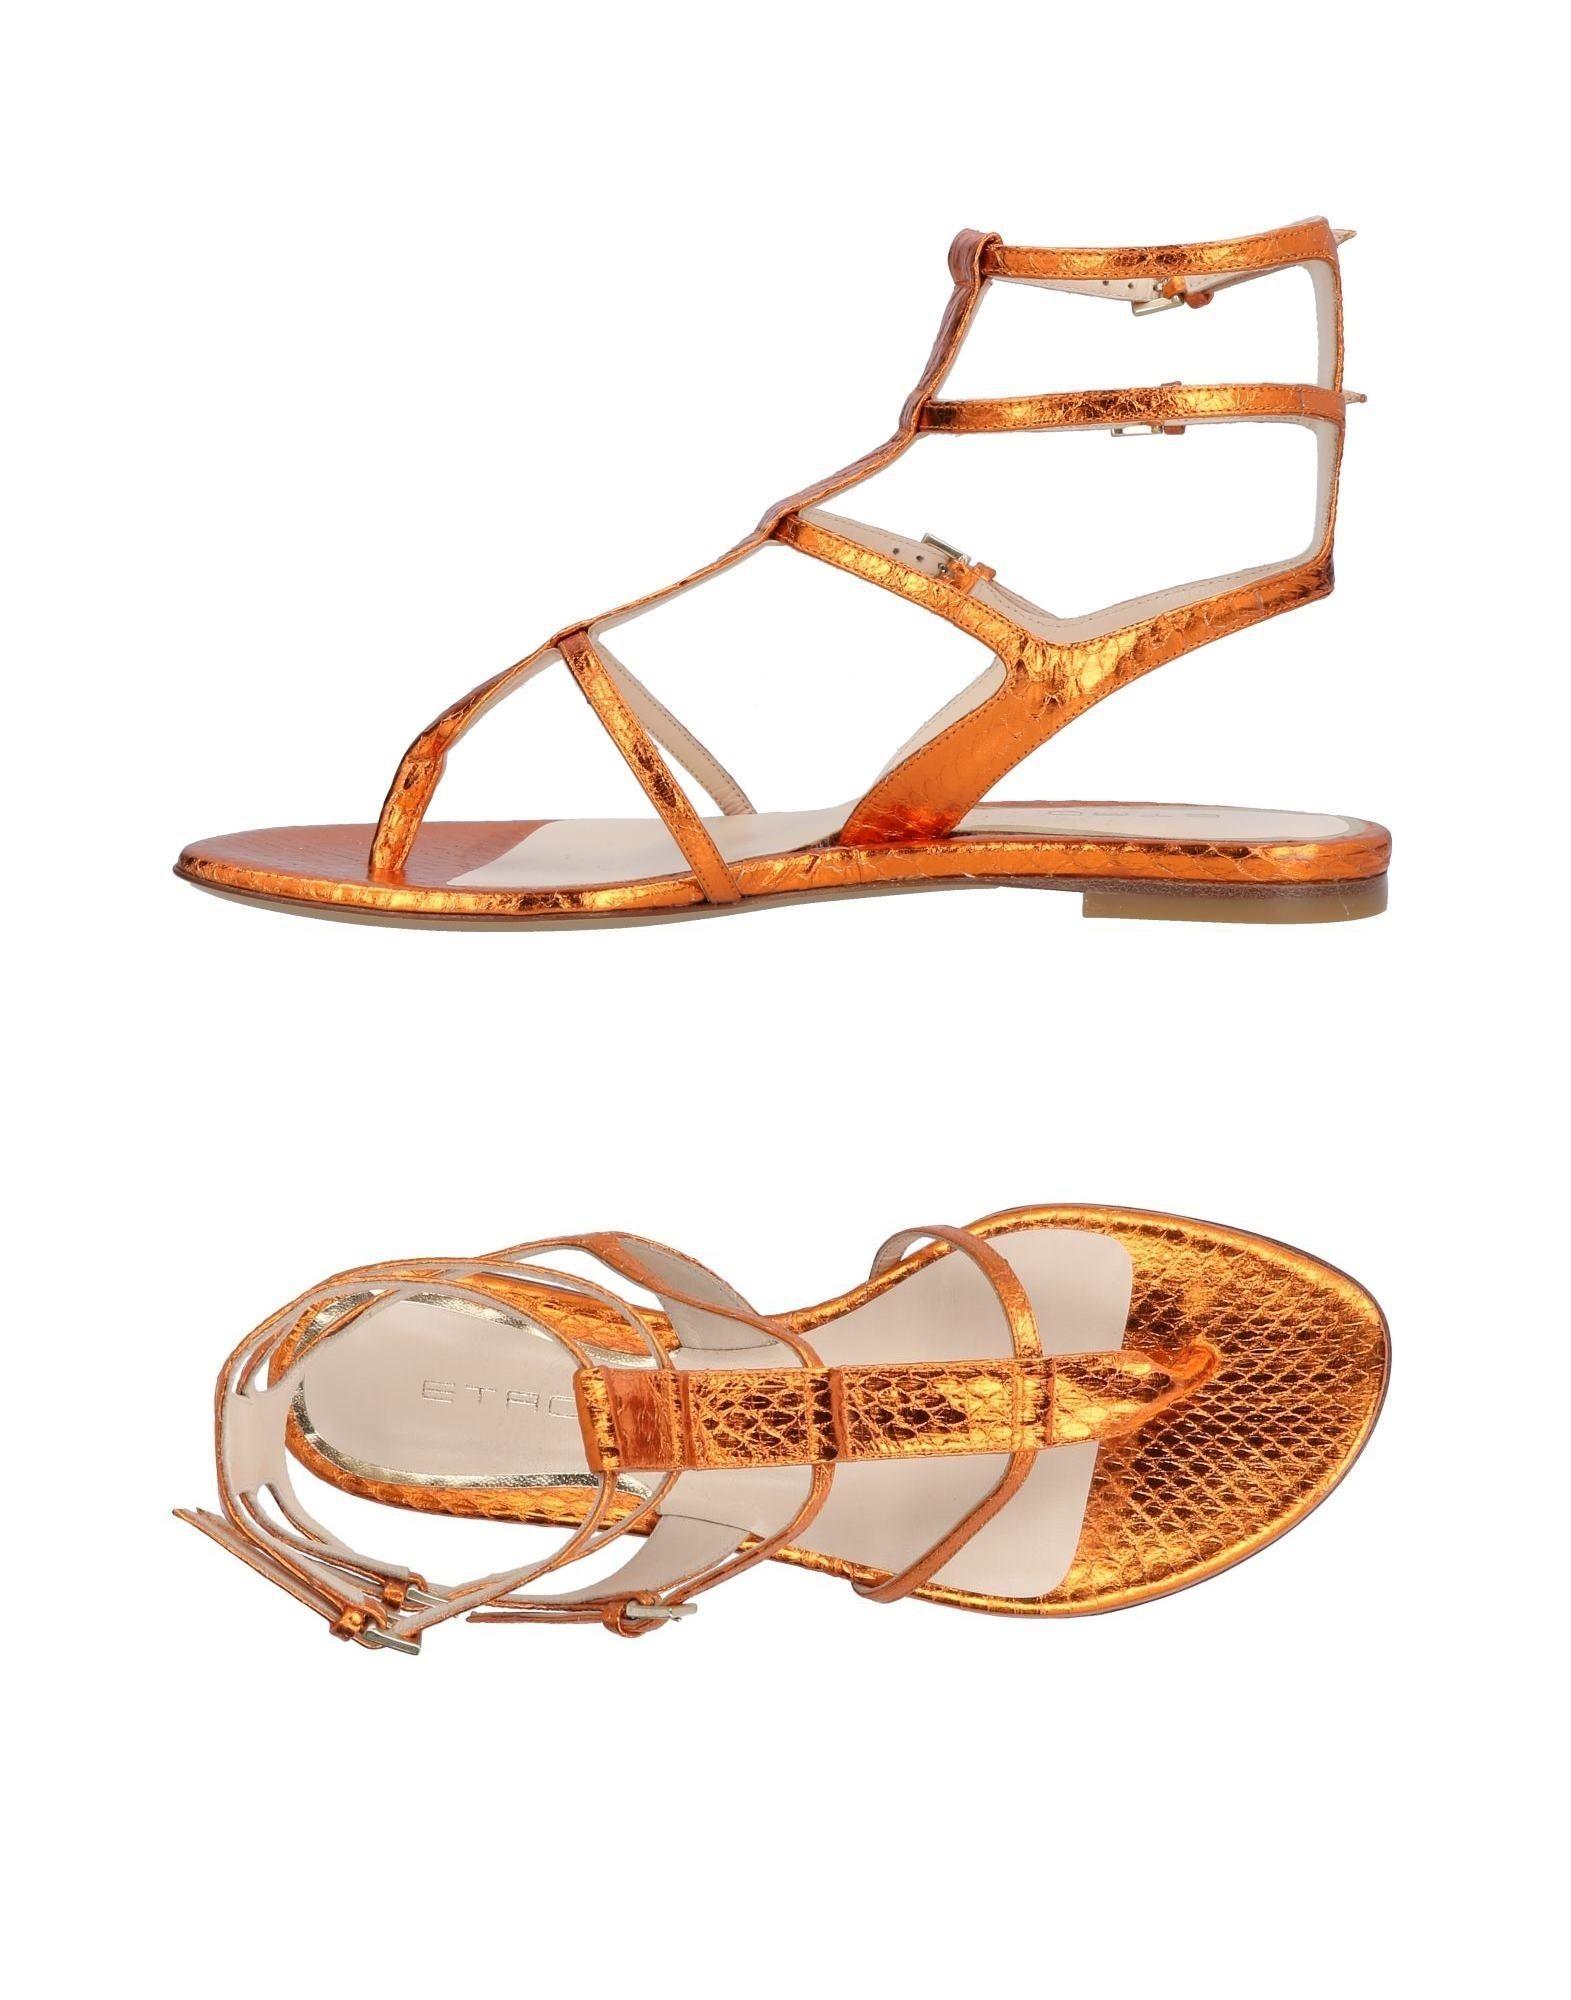 Etro Orange Sandals